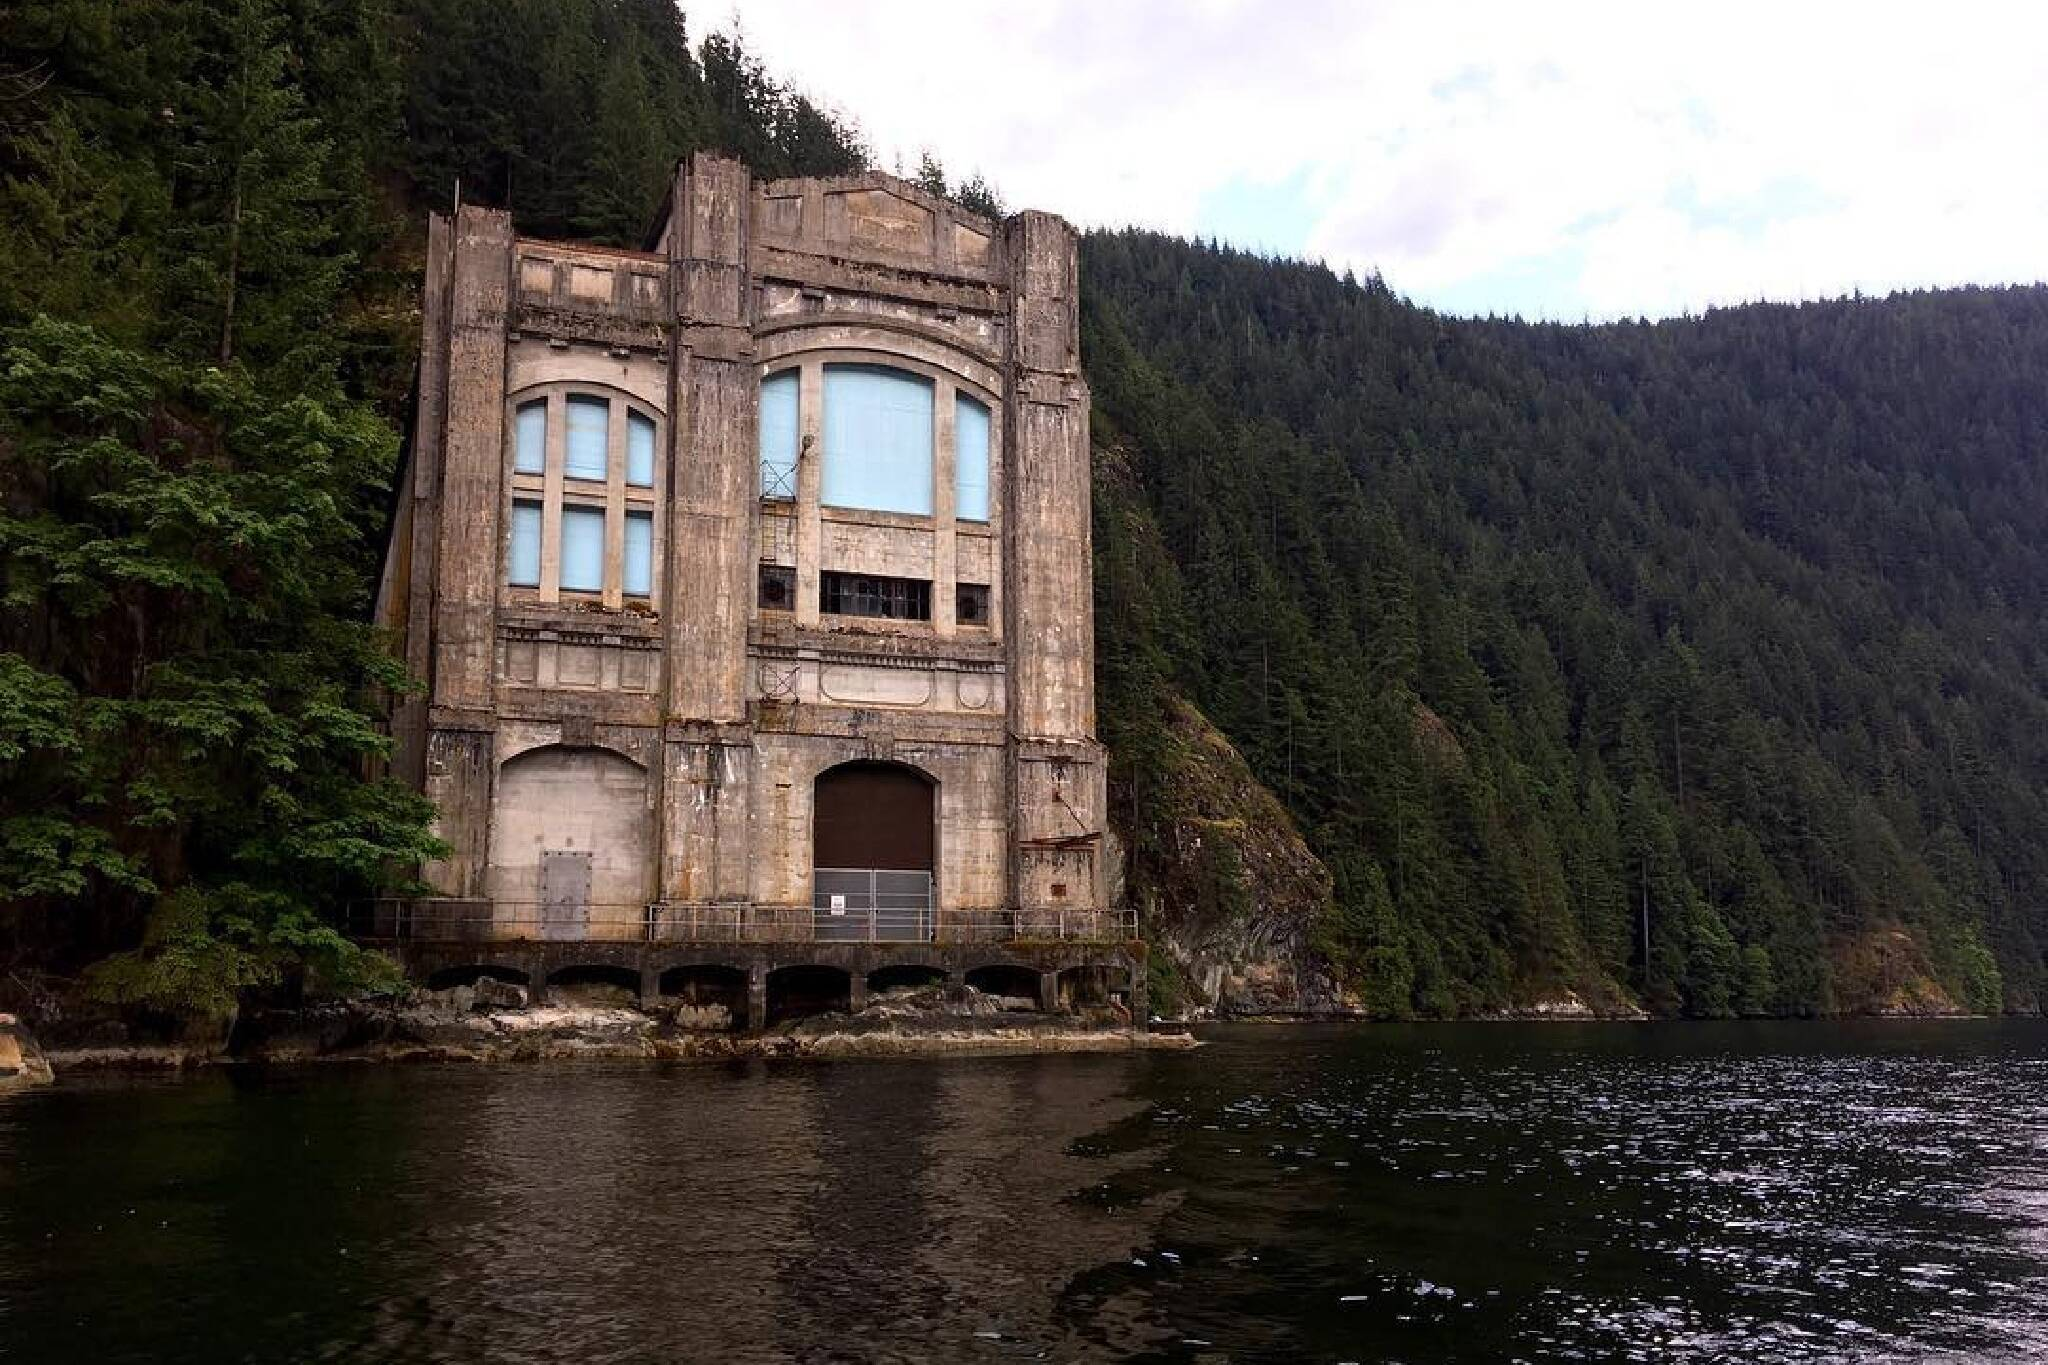 Buntzen Lake Powerhouse